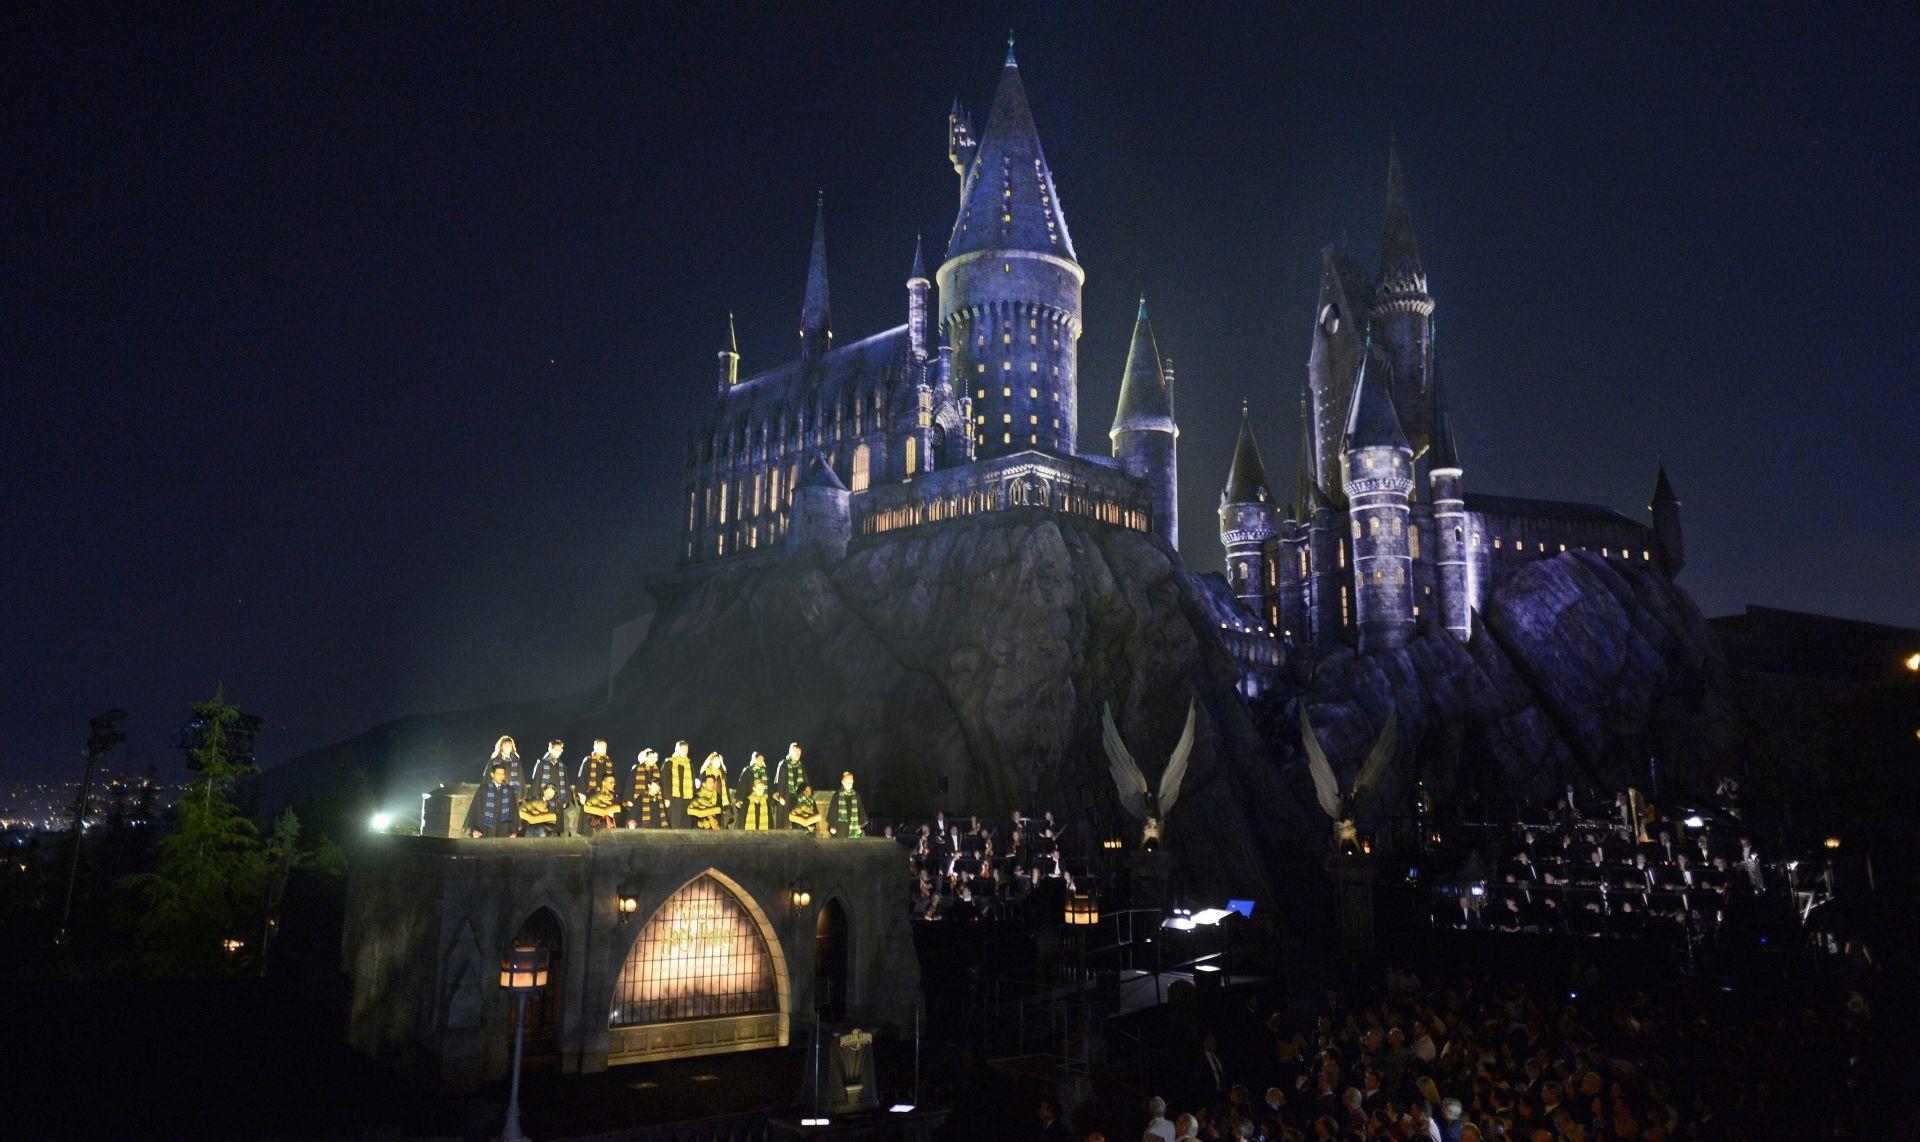 Obrana od crne magije: Britanski agenti protiv objave dijelova knjige o Harryu Potteru